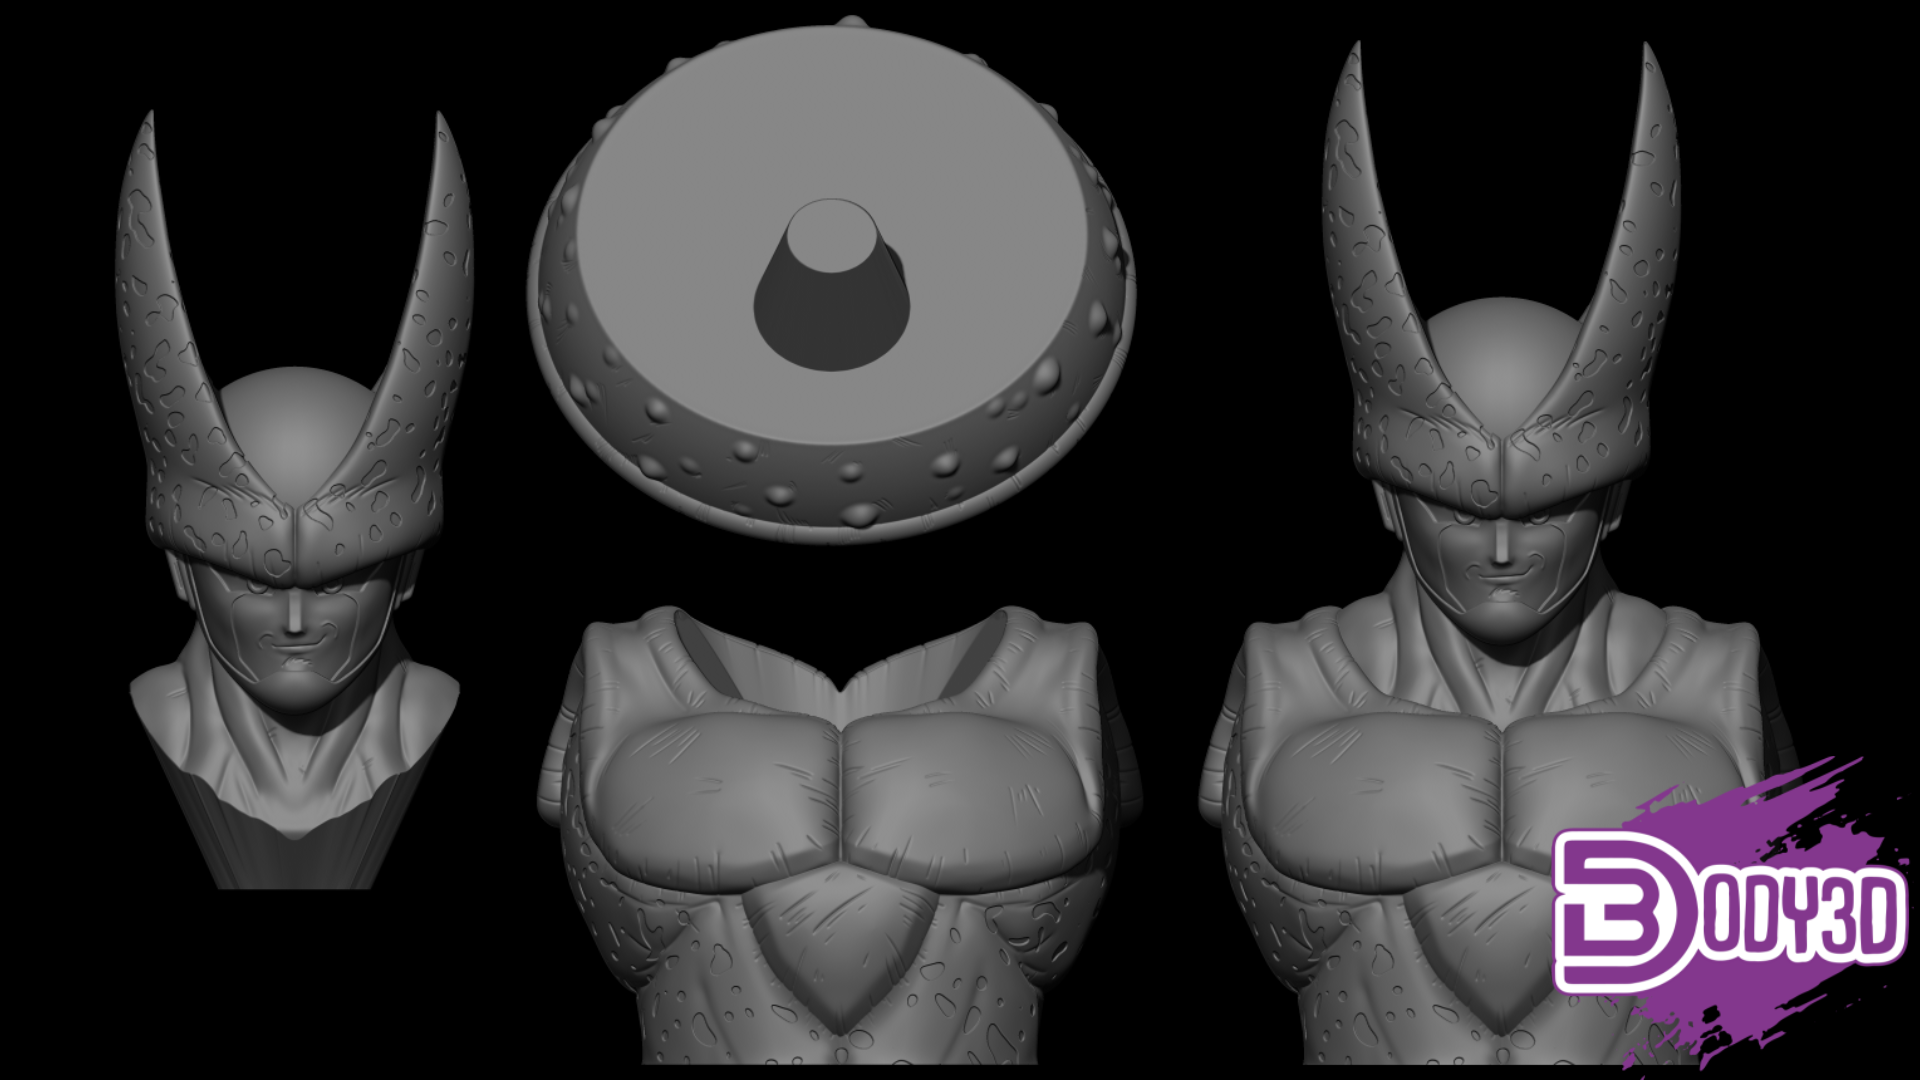 fgdhgfdhfhg.png Télécharger fichier STL Cell Bust 1/1 Scale - Dragon Ball • Plan imprimable en 3D, BODY3D